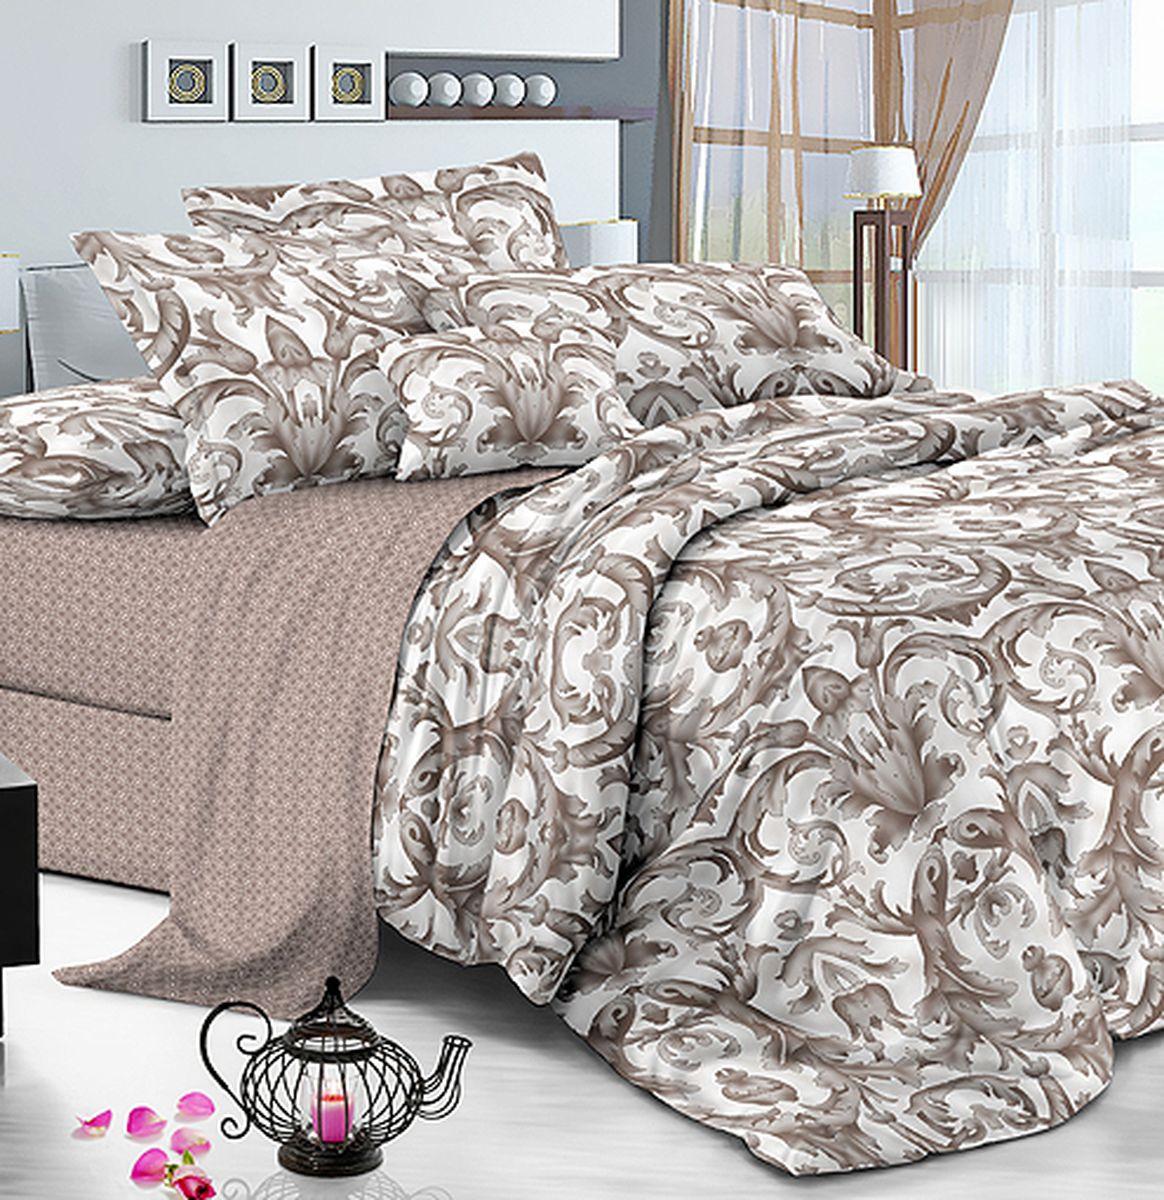 Комплект белья Amore Mio Gold Lina, 7551, бежевый, 1,5-спальный, наволочки 70x70